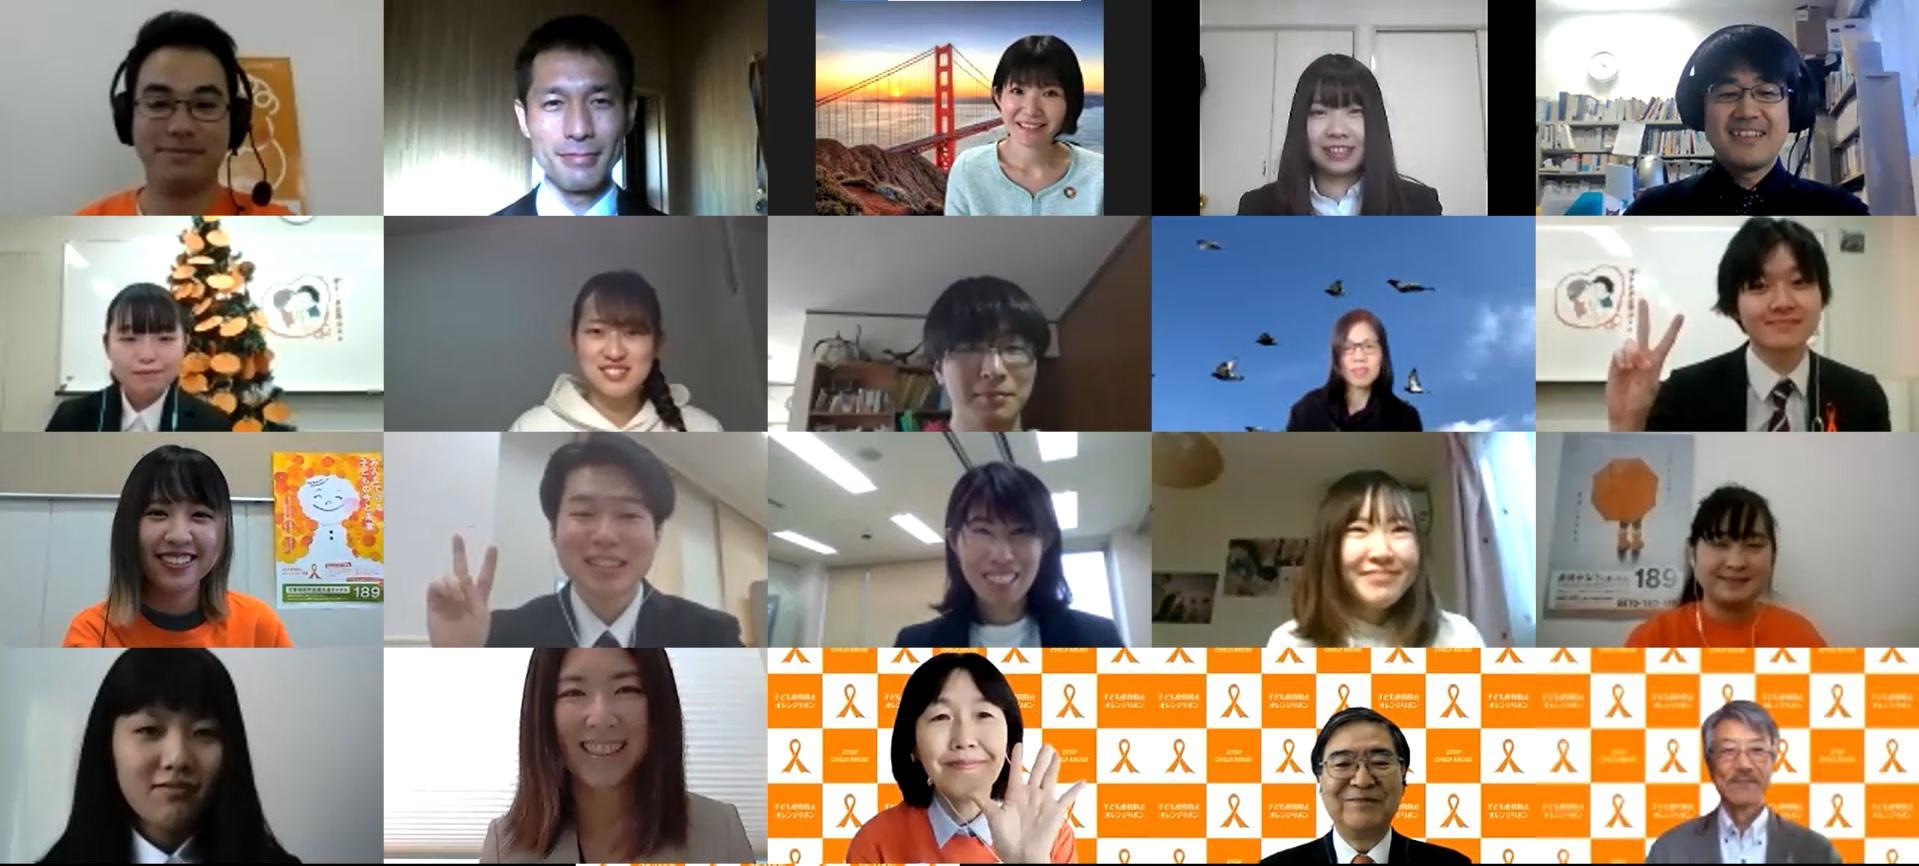 http://www.orangeribbon.jp/info/npo/d32b6f178067bc515a1f00496584e3fbb207167d.jpg